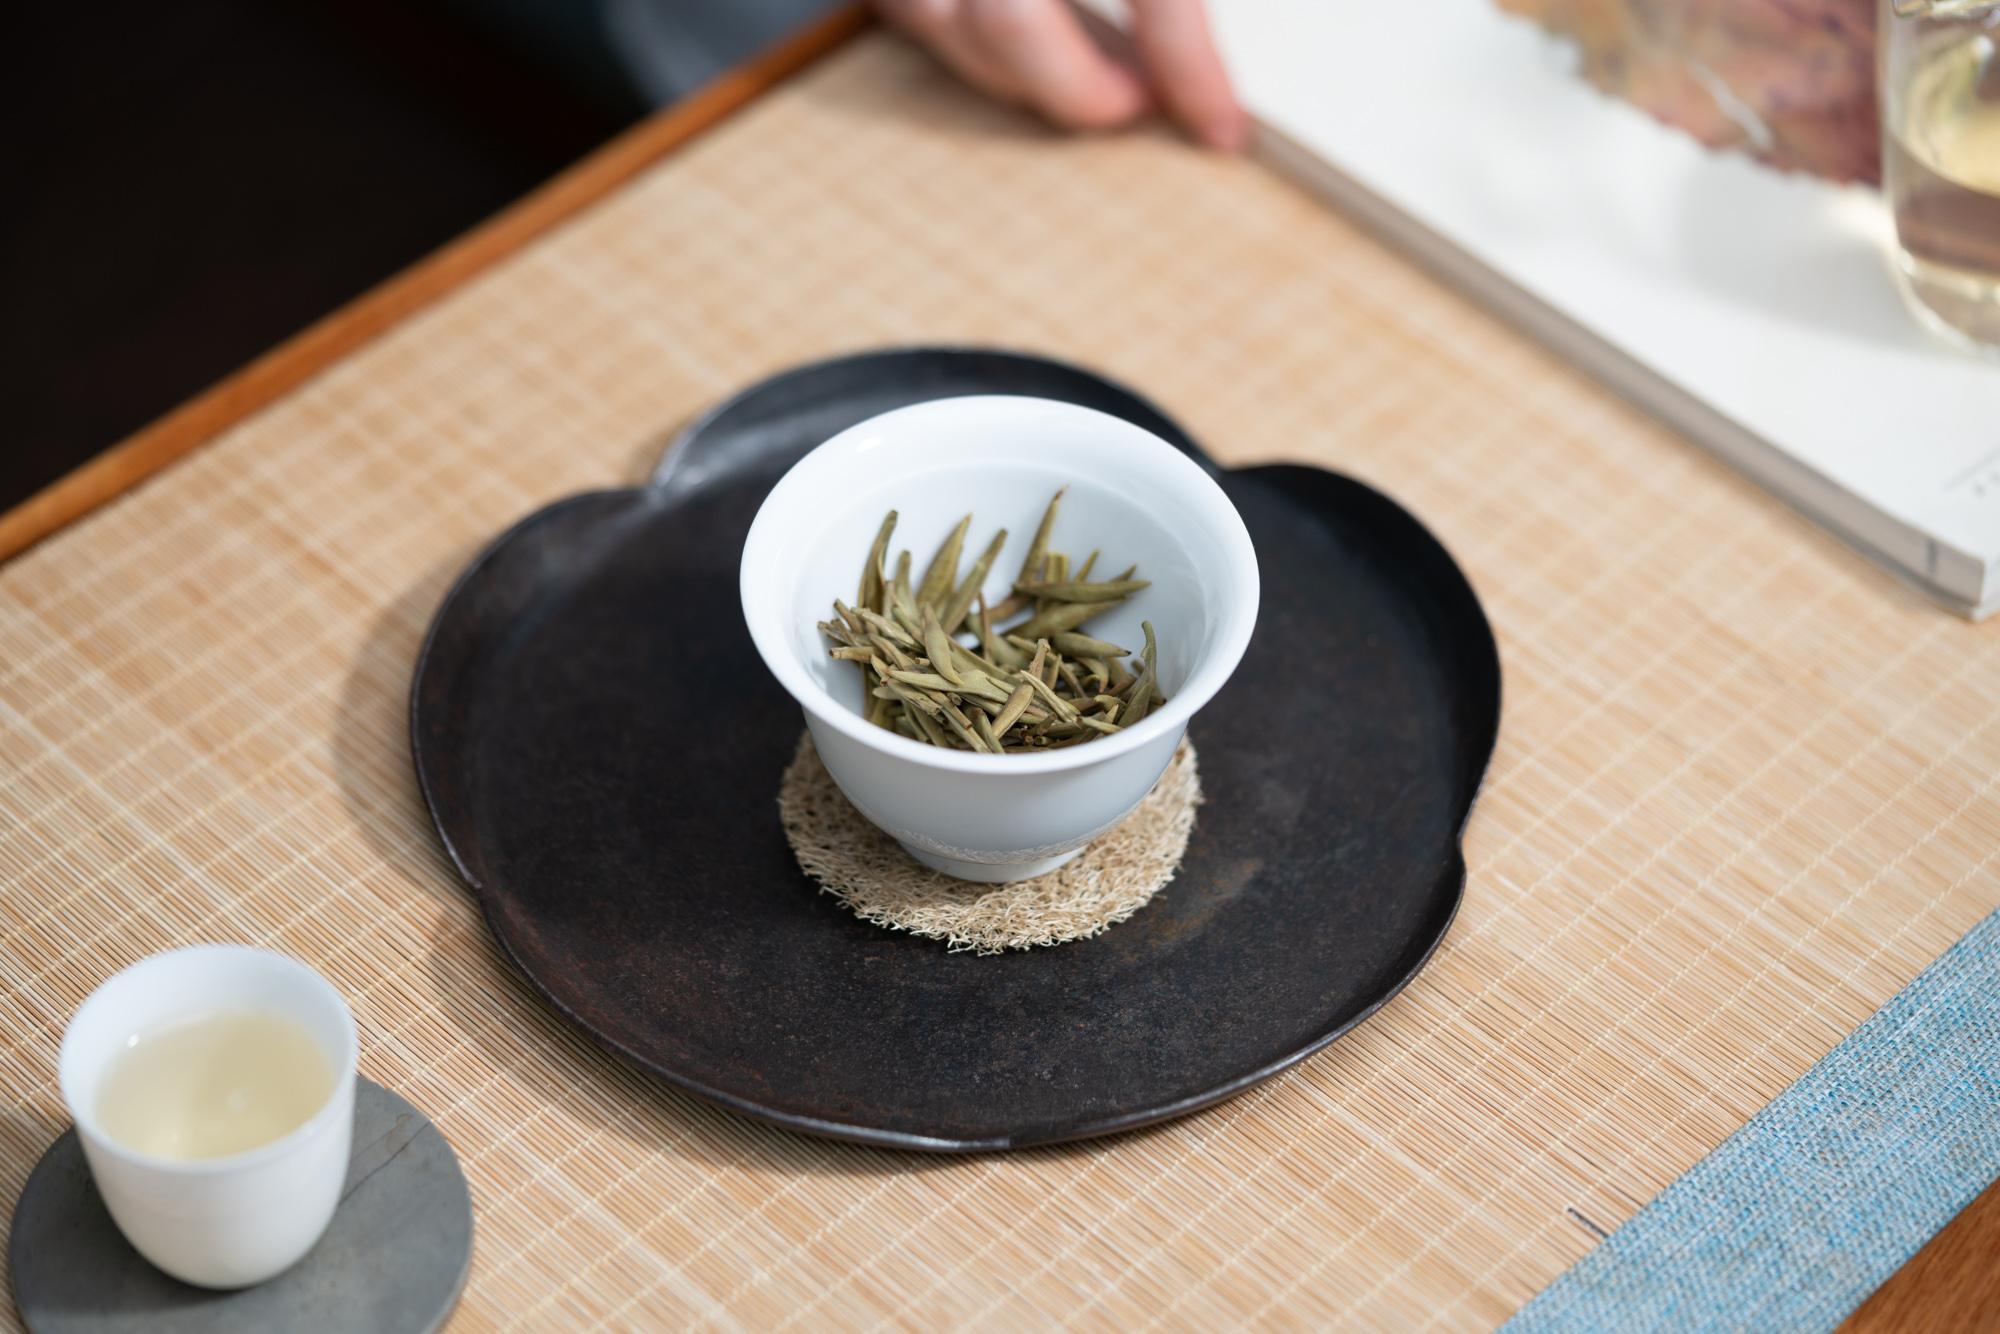 小喜年:你有什么样的性格,决定了你最喜欢喝什么茶